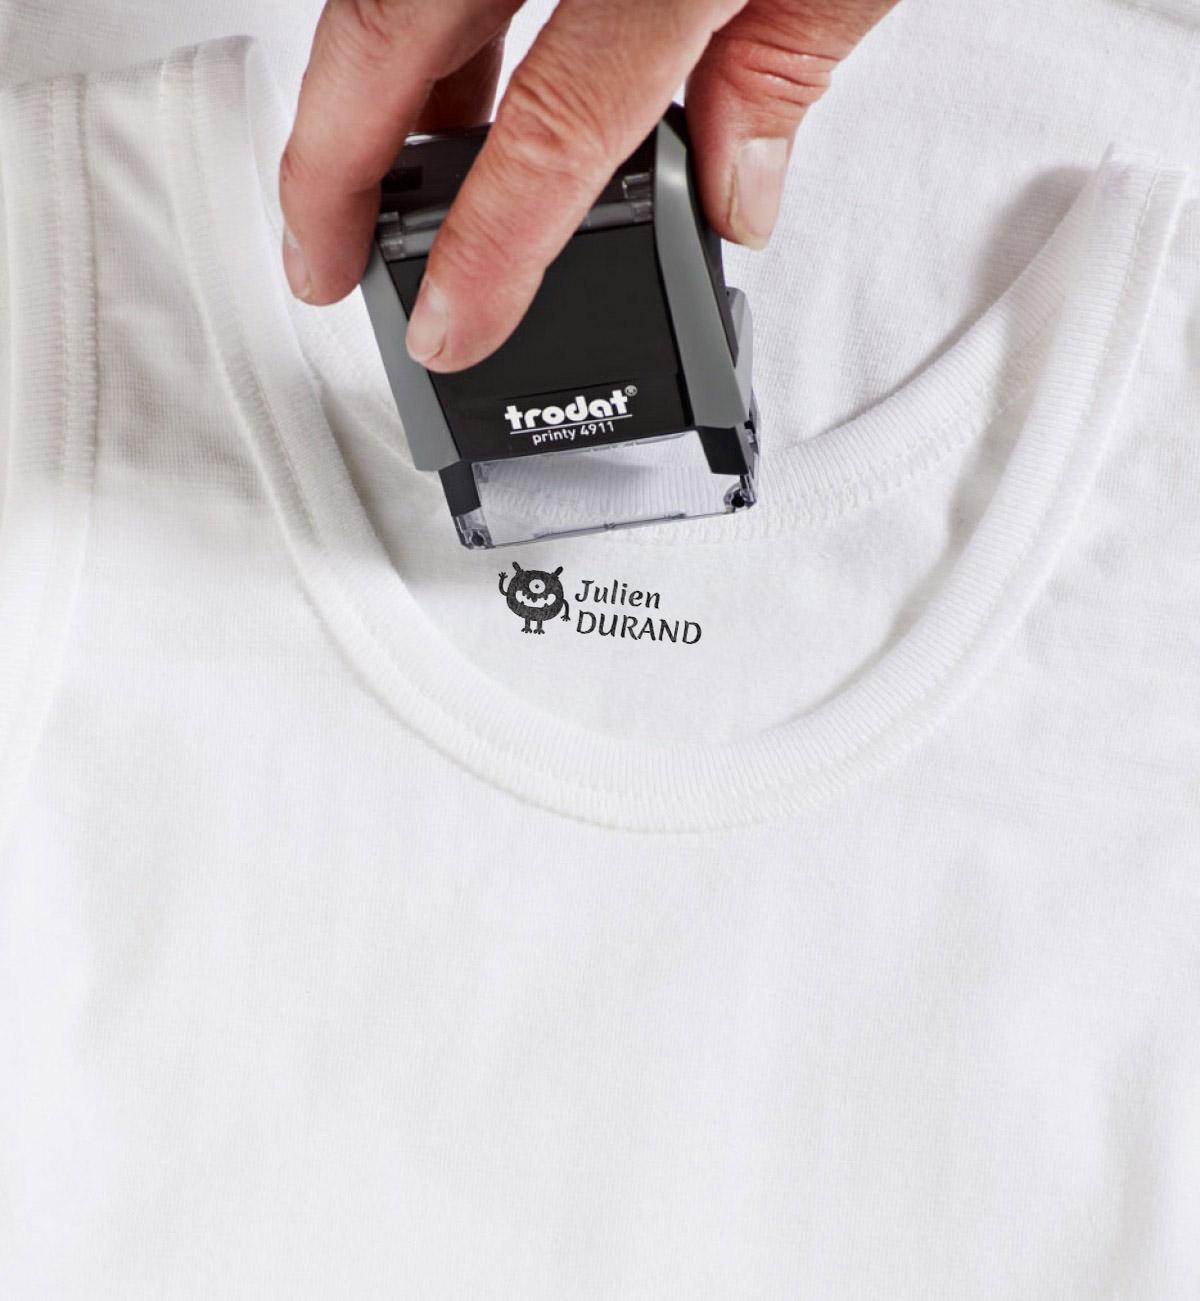 Tampon textile personnalisé pour marquer les vêtements